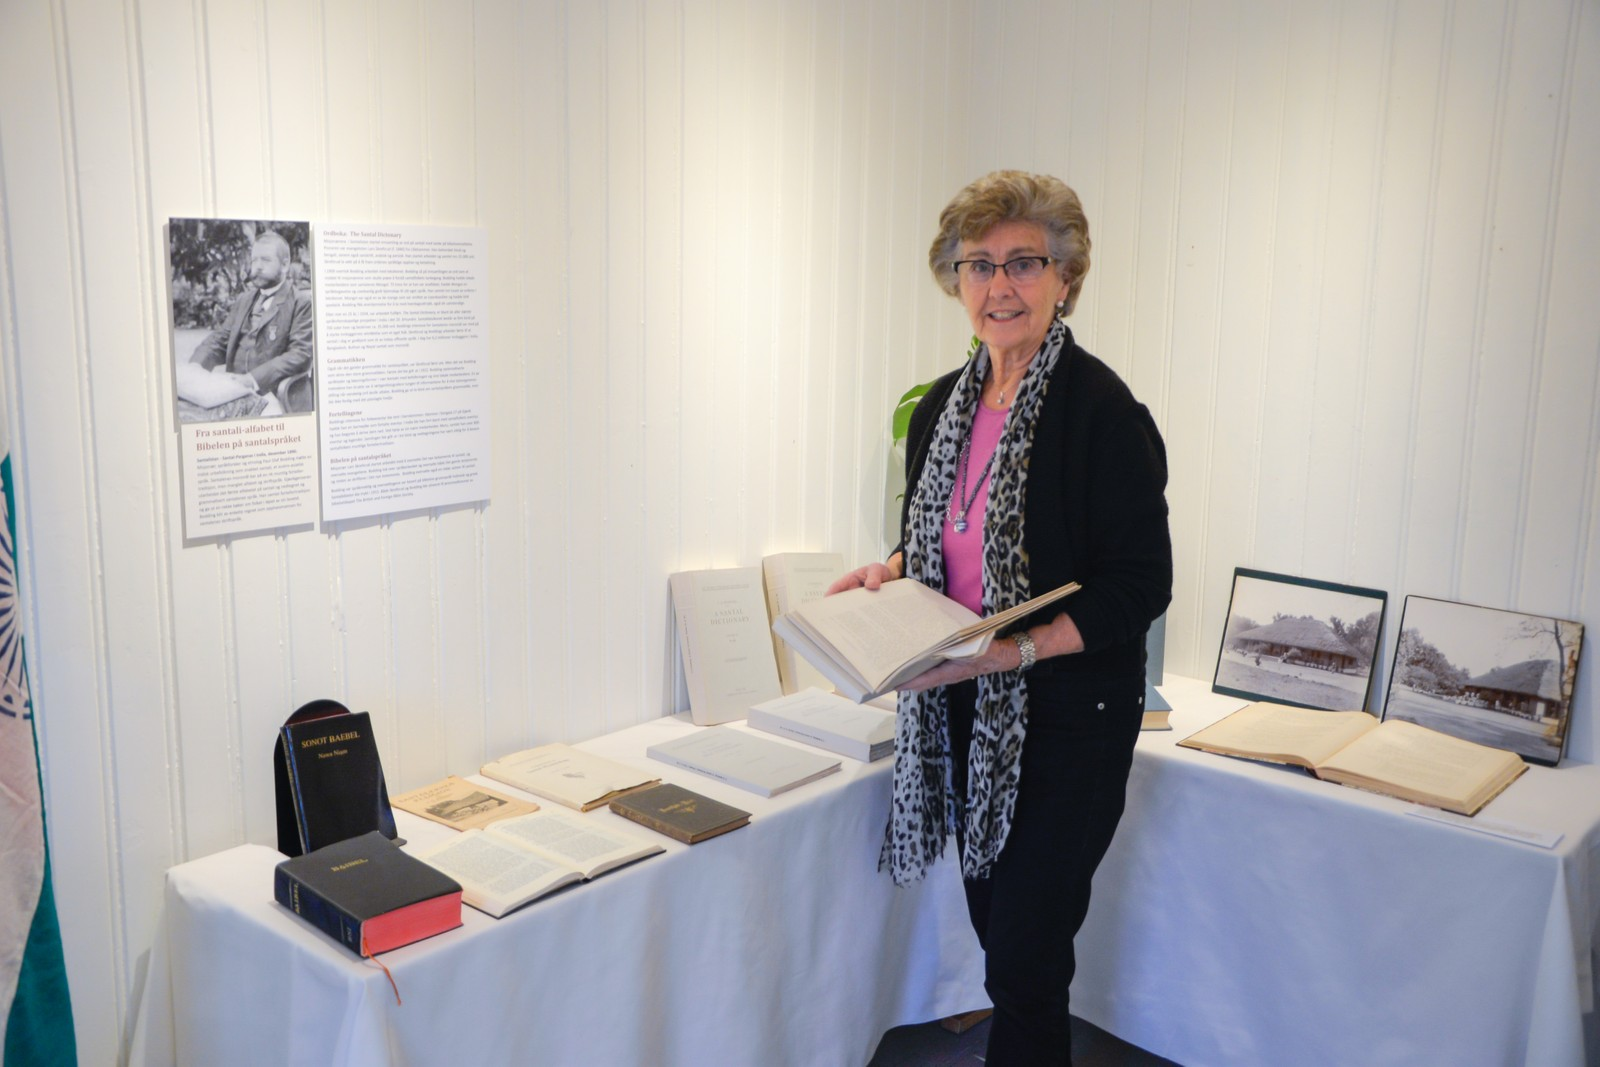 Bodil Landmark i den lokale jubileumskomiteen viser litt av bøkene Bodding har oversatt og skrevet for å ta vare på å spre språket santali.